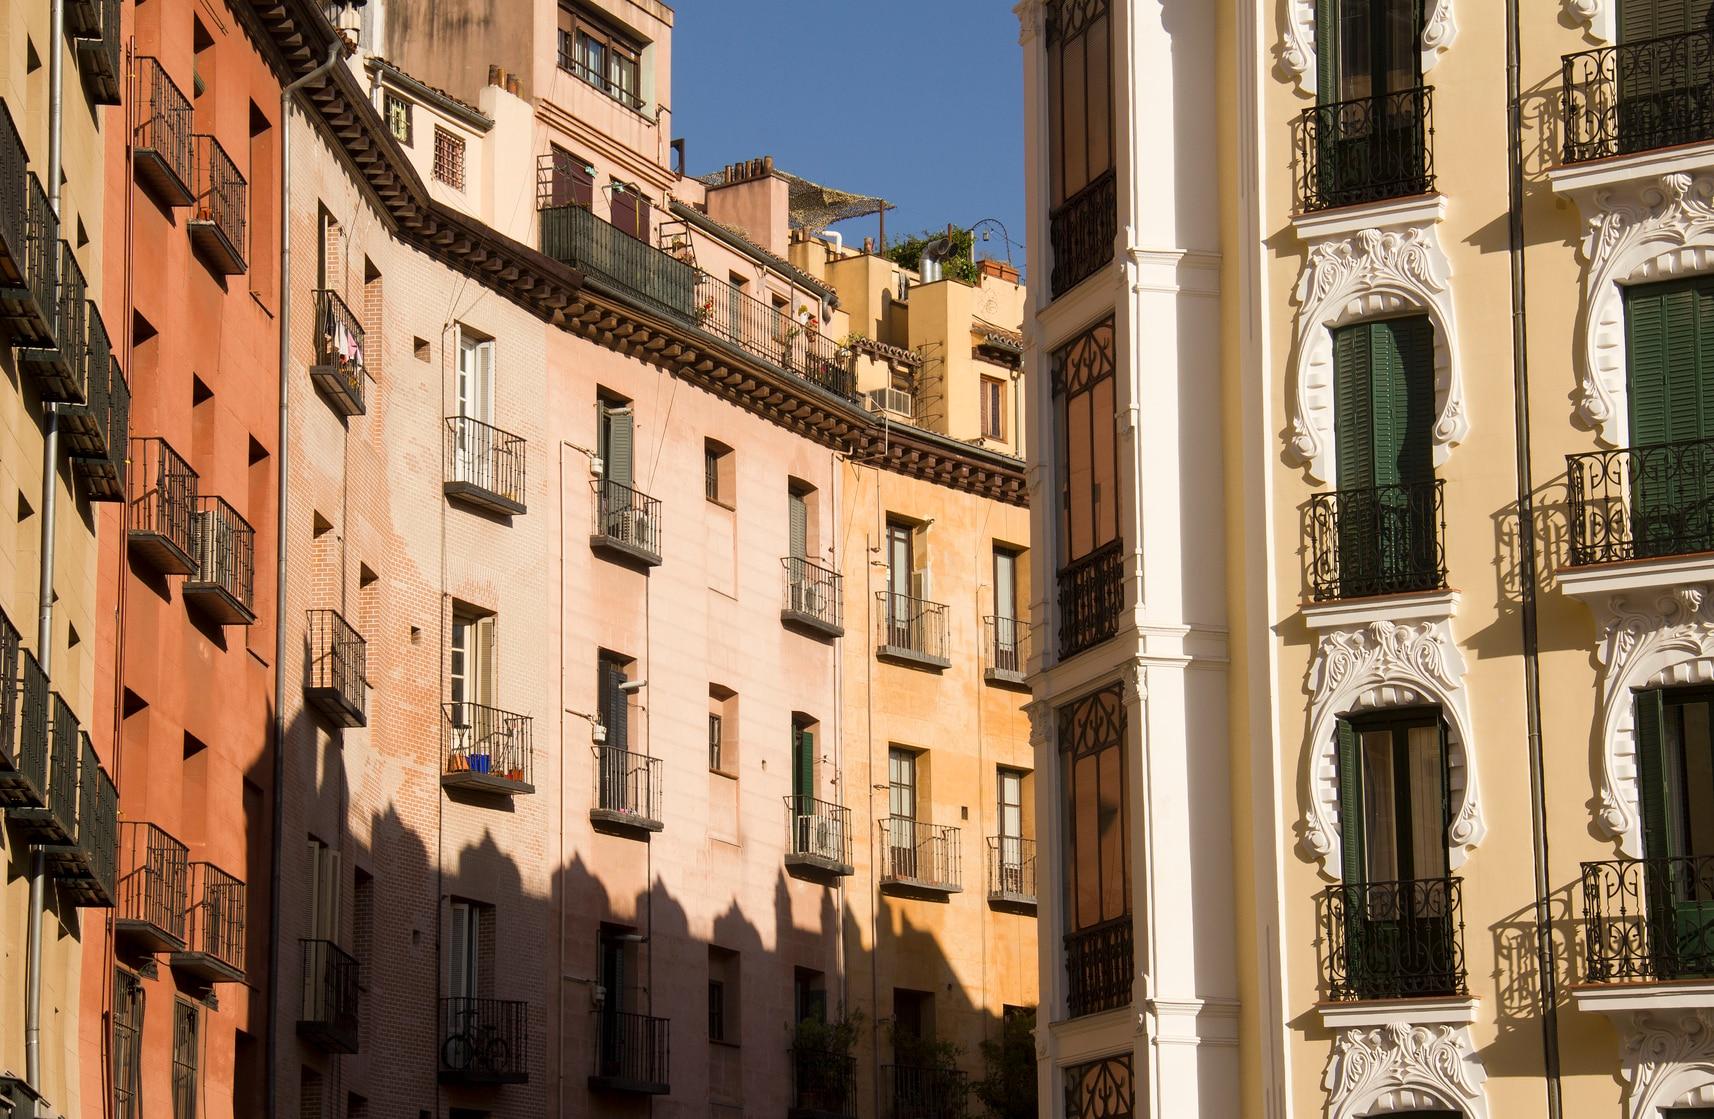 Uno scorcio del quartiere Malasaña a Madrid